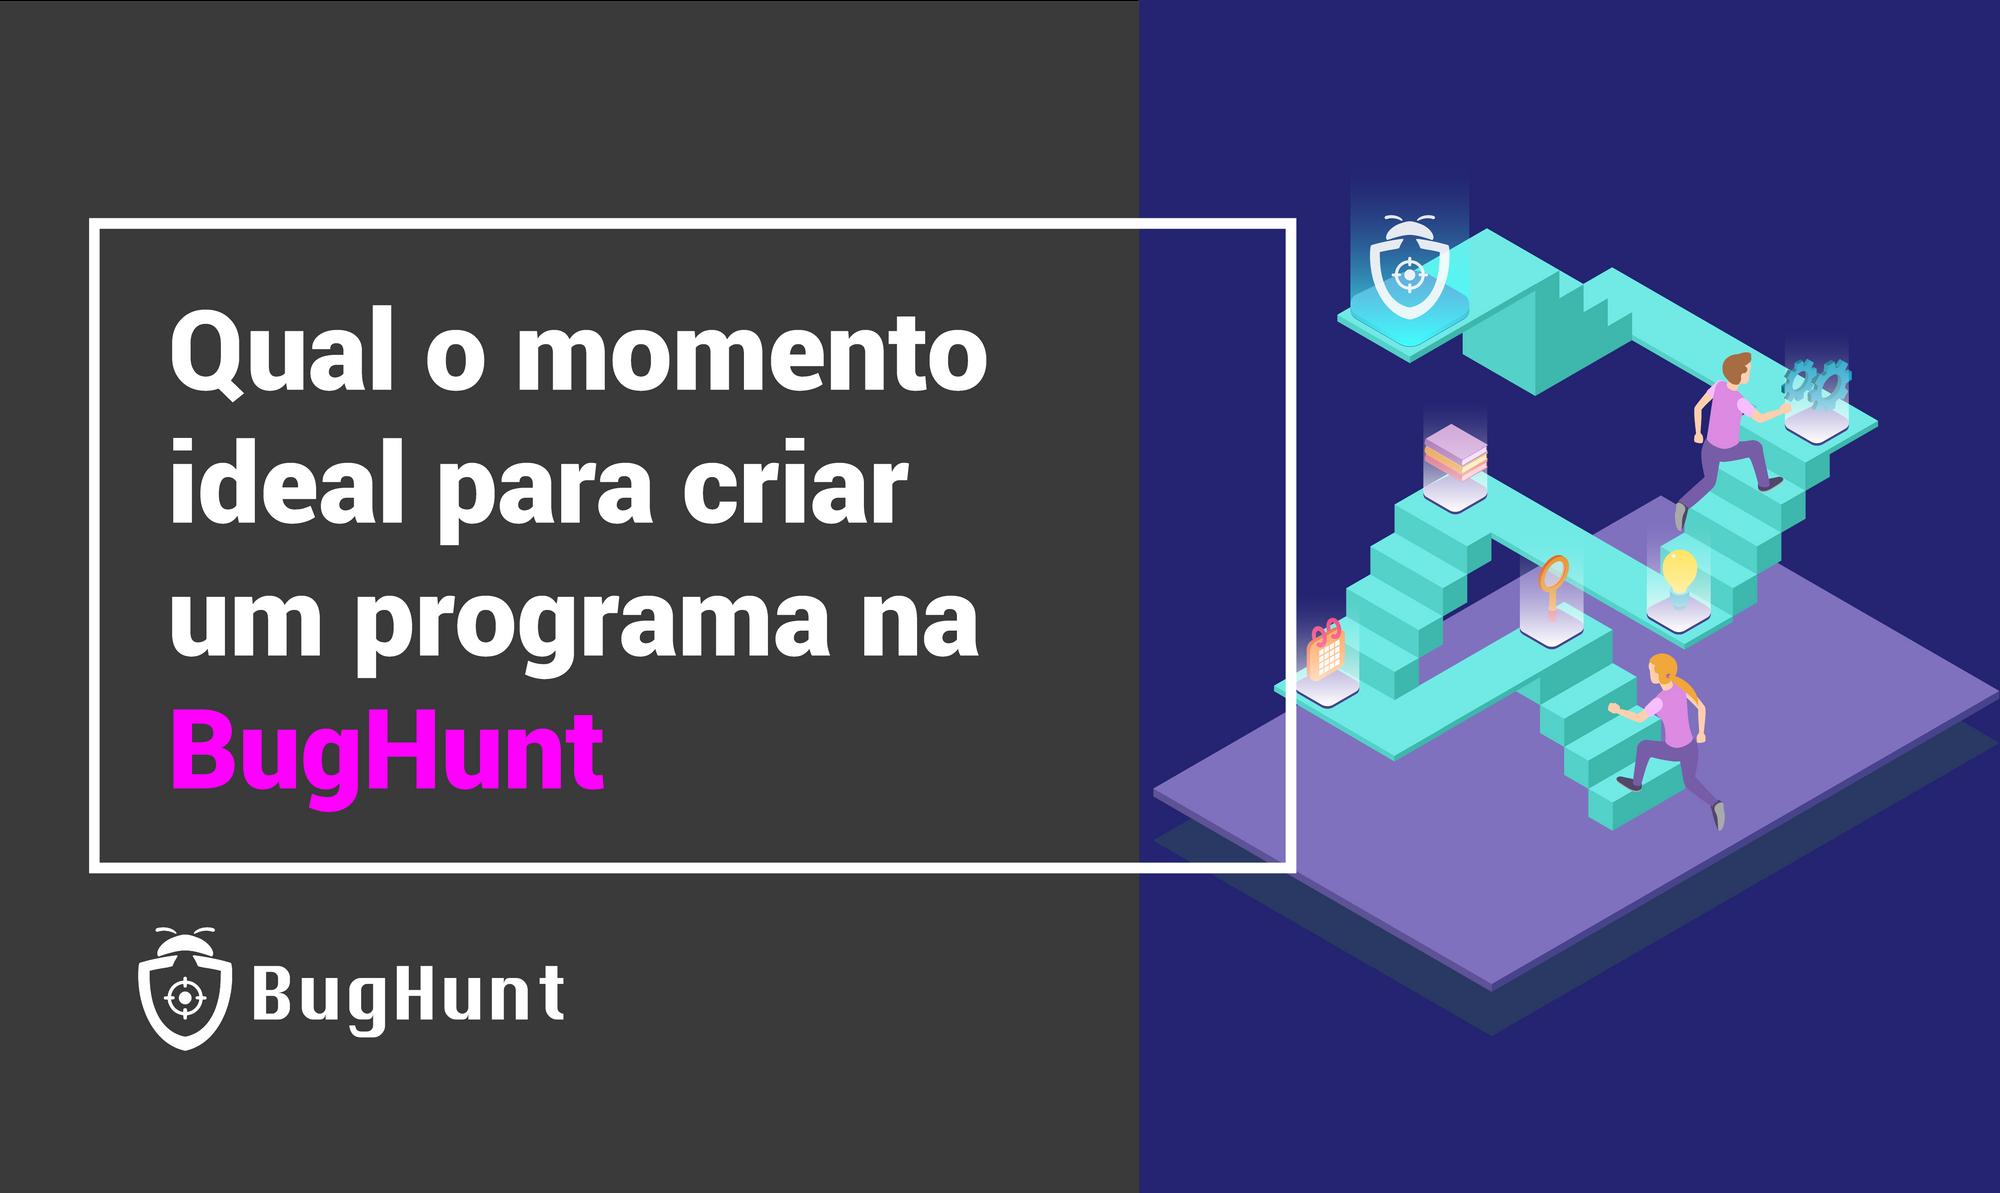 Qual o momento ideal para criar um programa na BugHunt